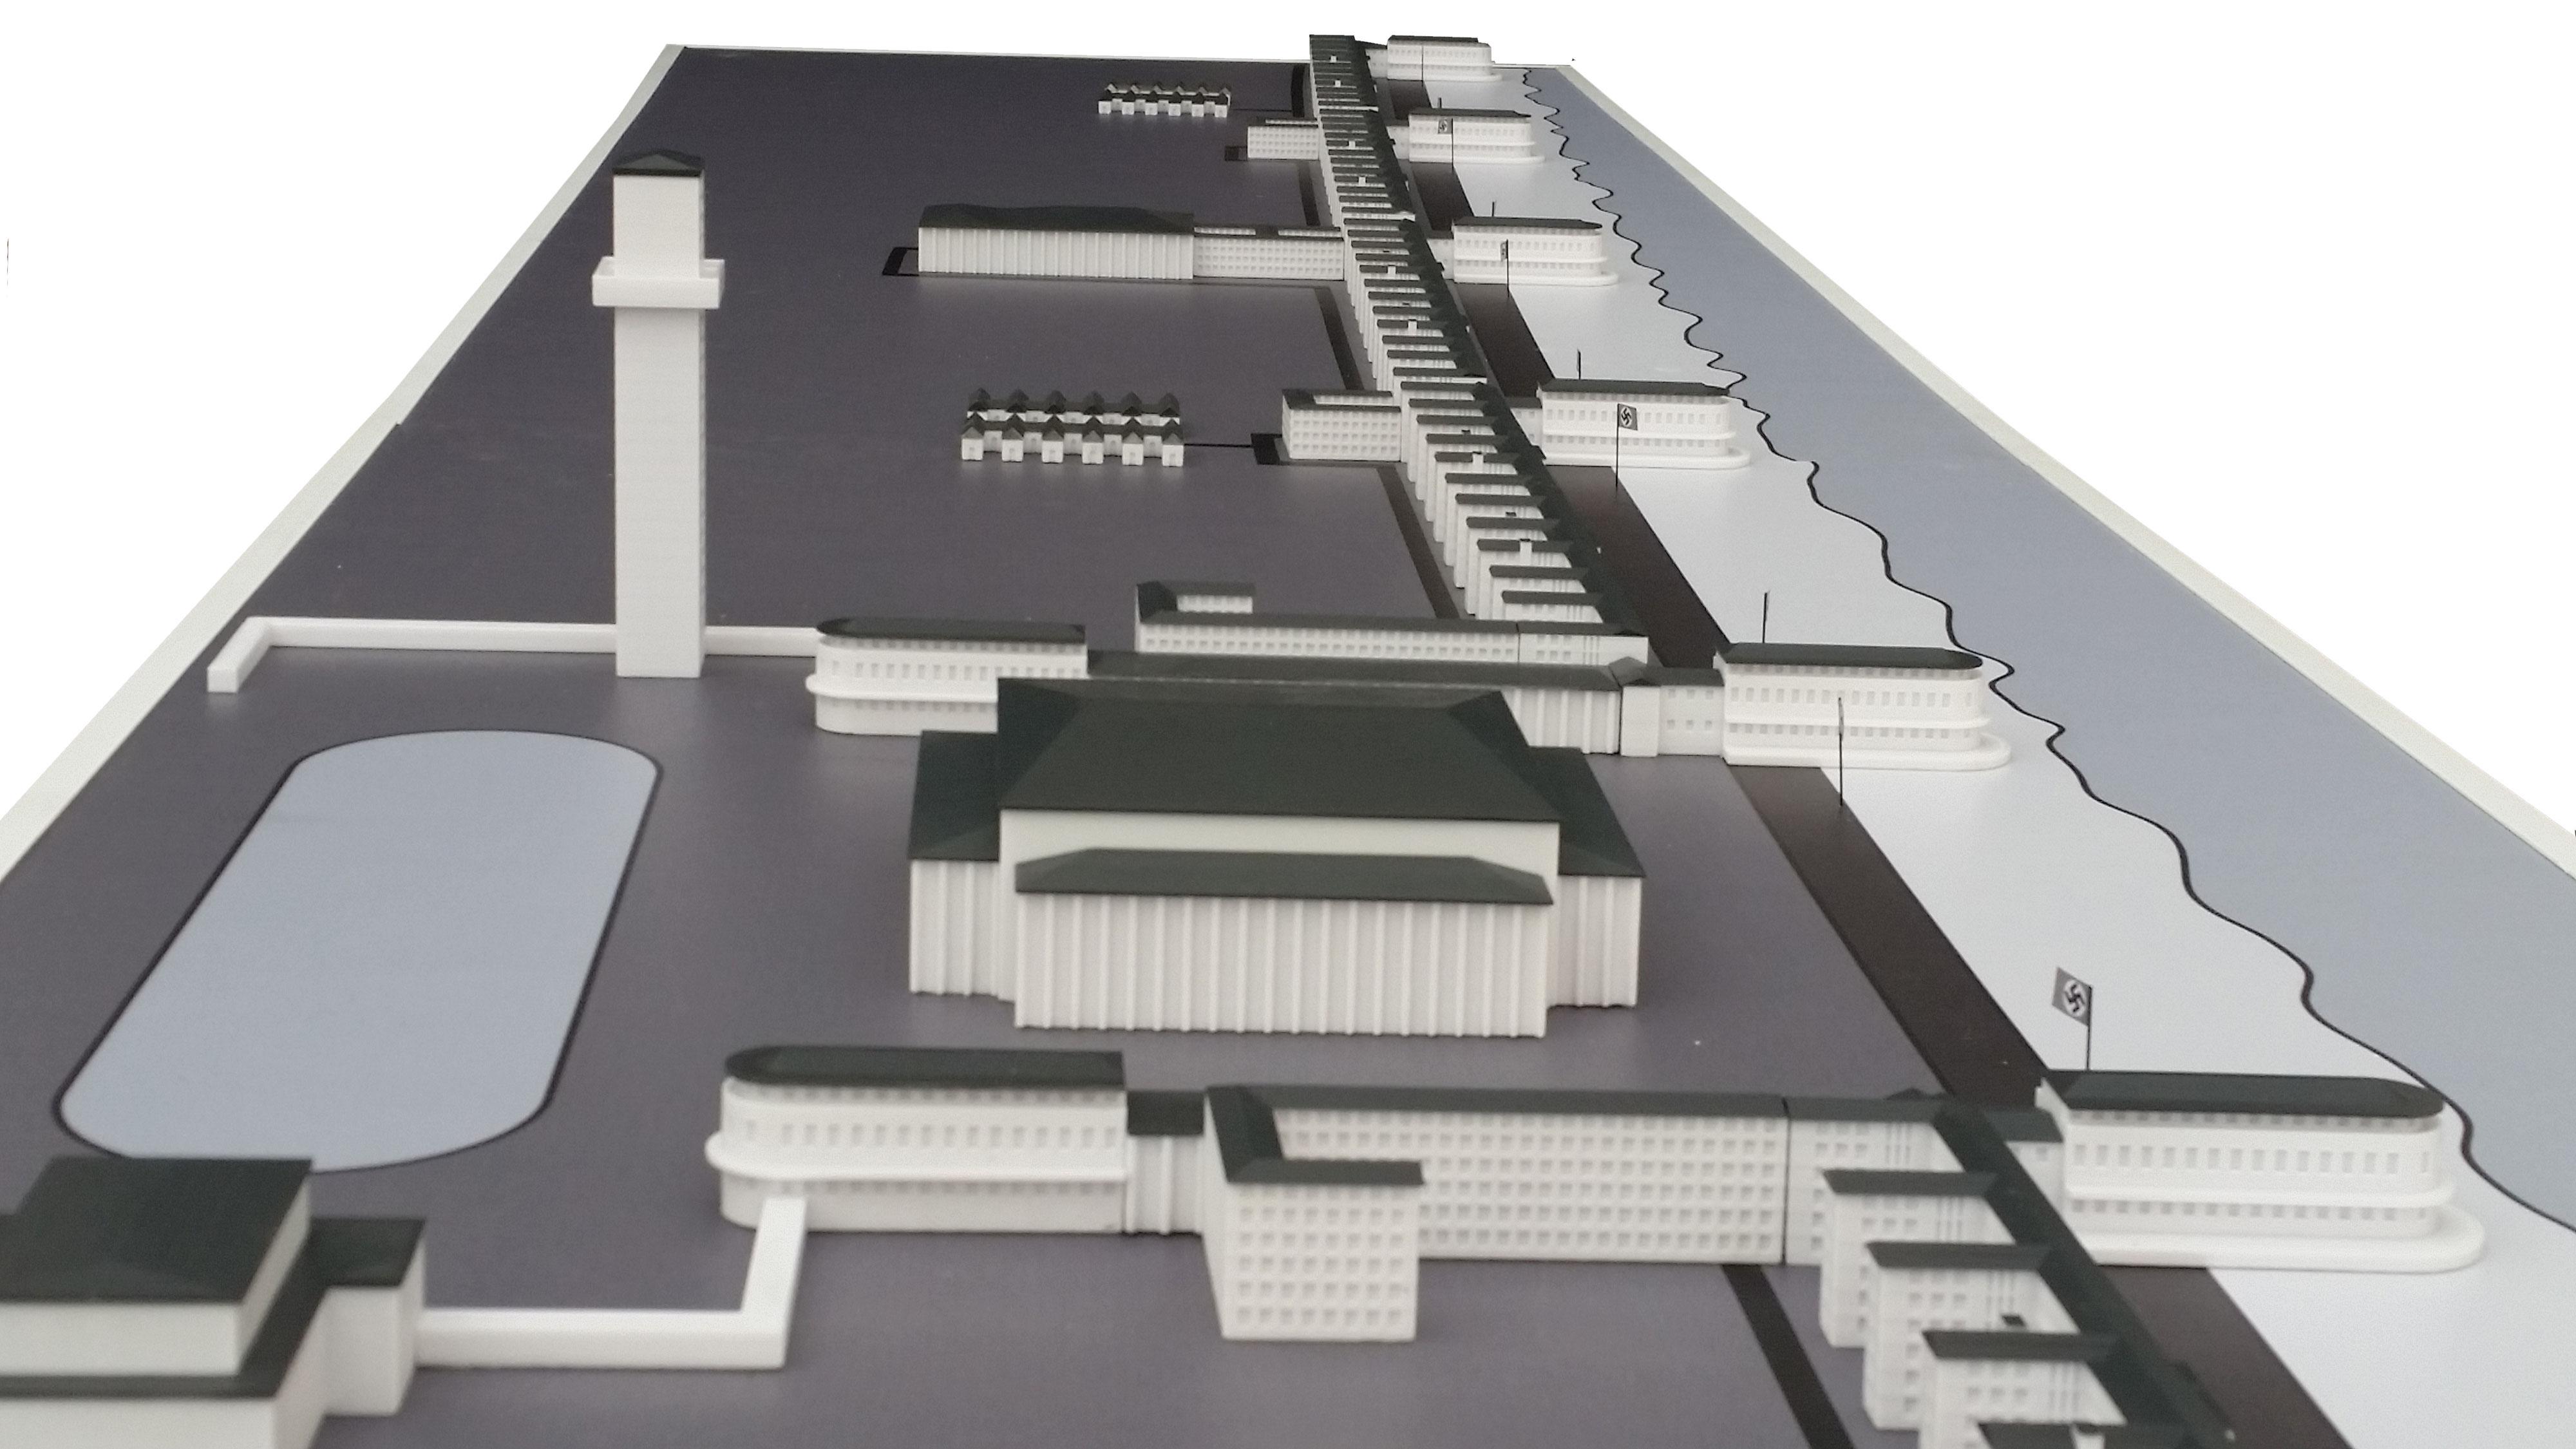 3d gedrucktes modell vom kdf seebad prora 3d druck. Black Bedroom Furniture Sets. Home Design Ideas